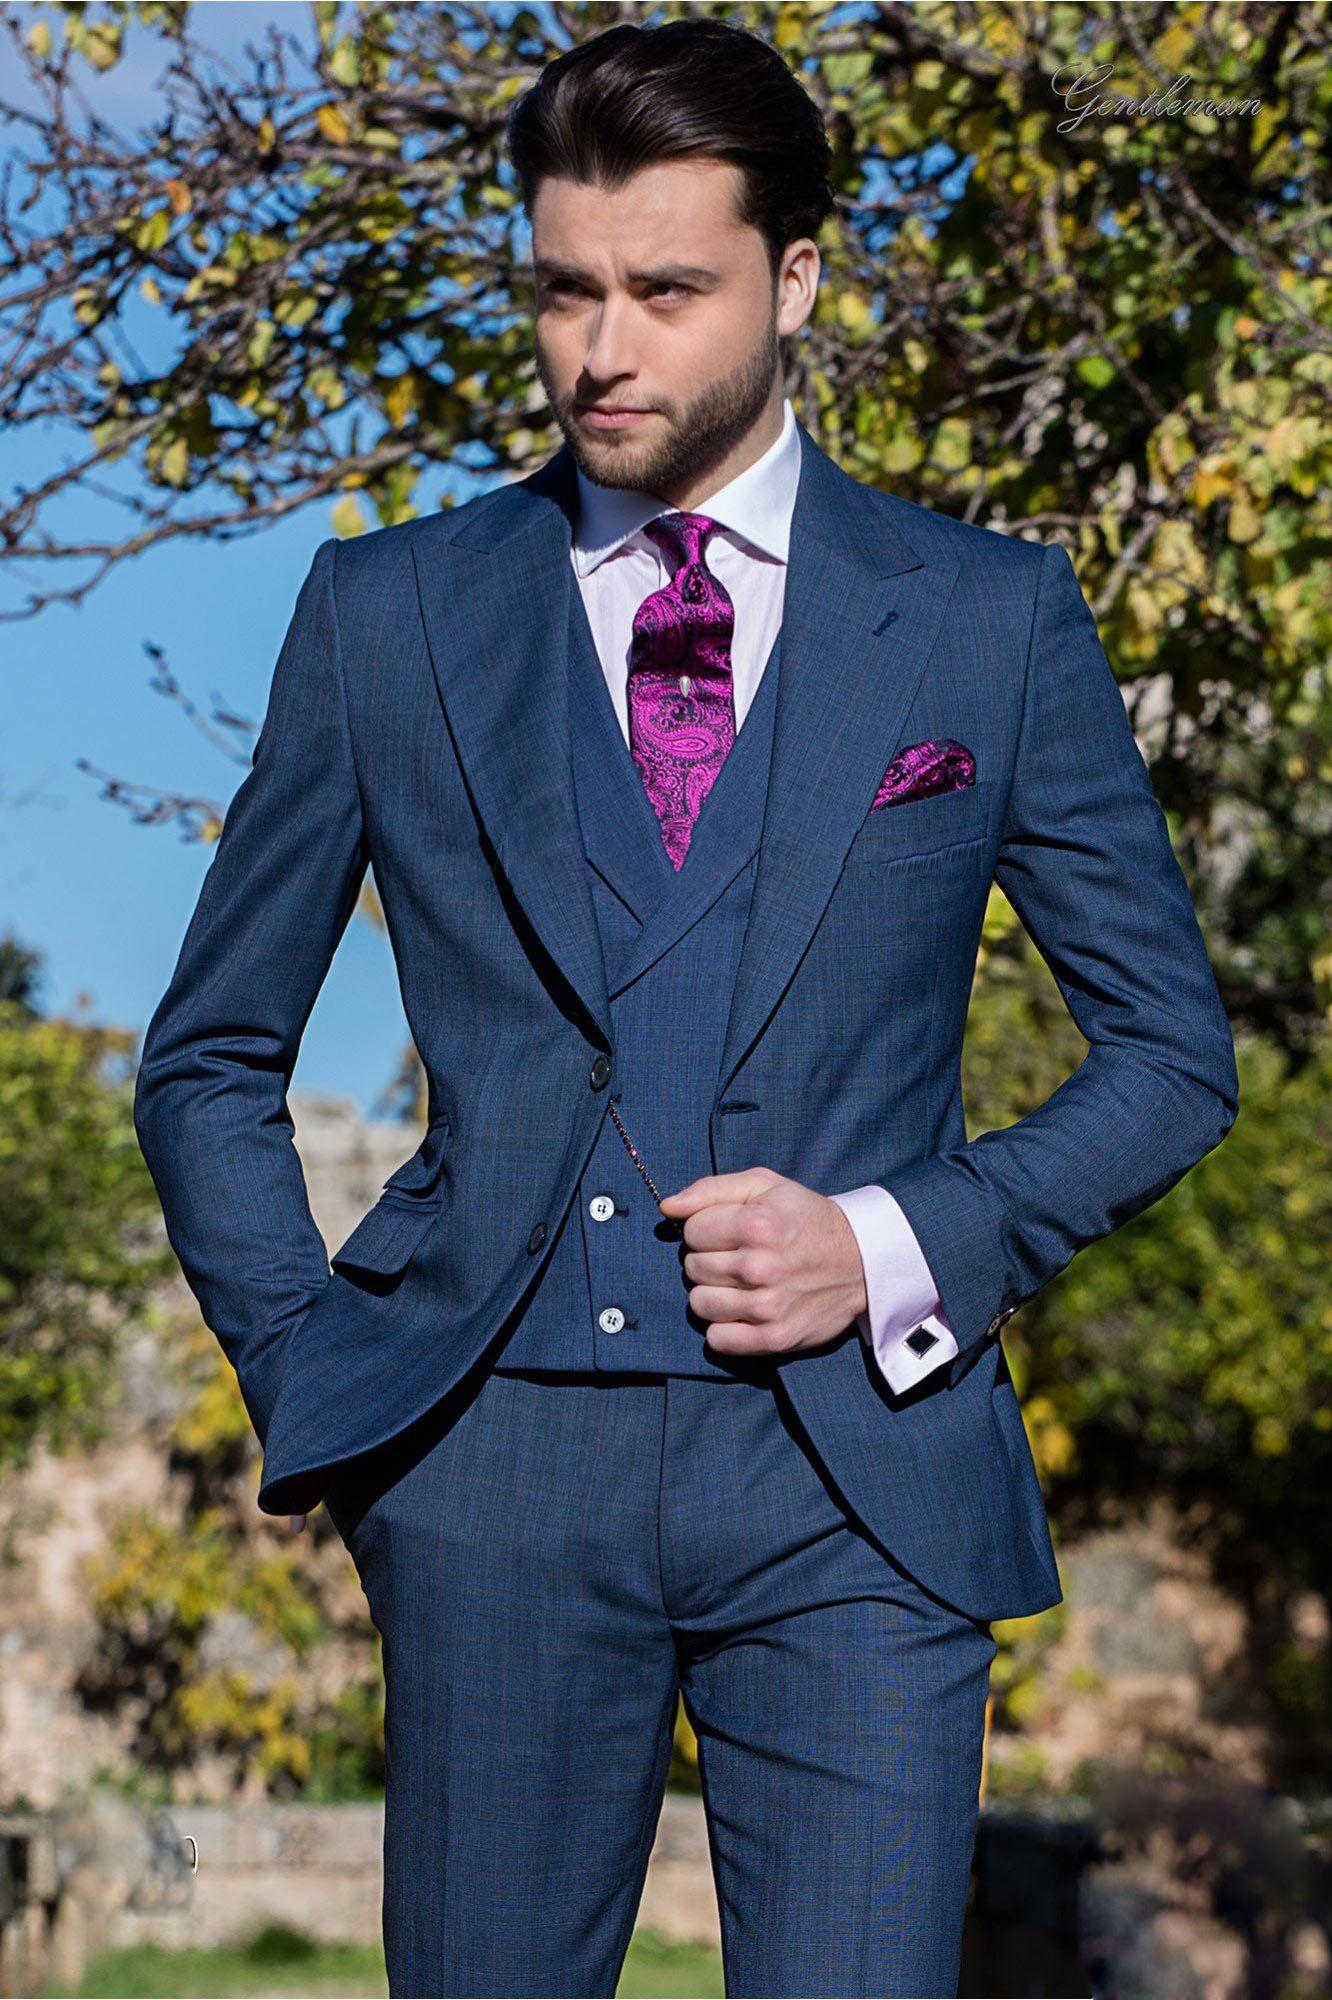 Estilo italiano Mens Azul Marinho Três Peças Ternos (Jacket + Calça + Colete) Guarnição Apto Adequado Para O Verão Antumn Men Fino Conjunto de Roupas, Tuxedo Do Casamento